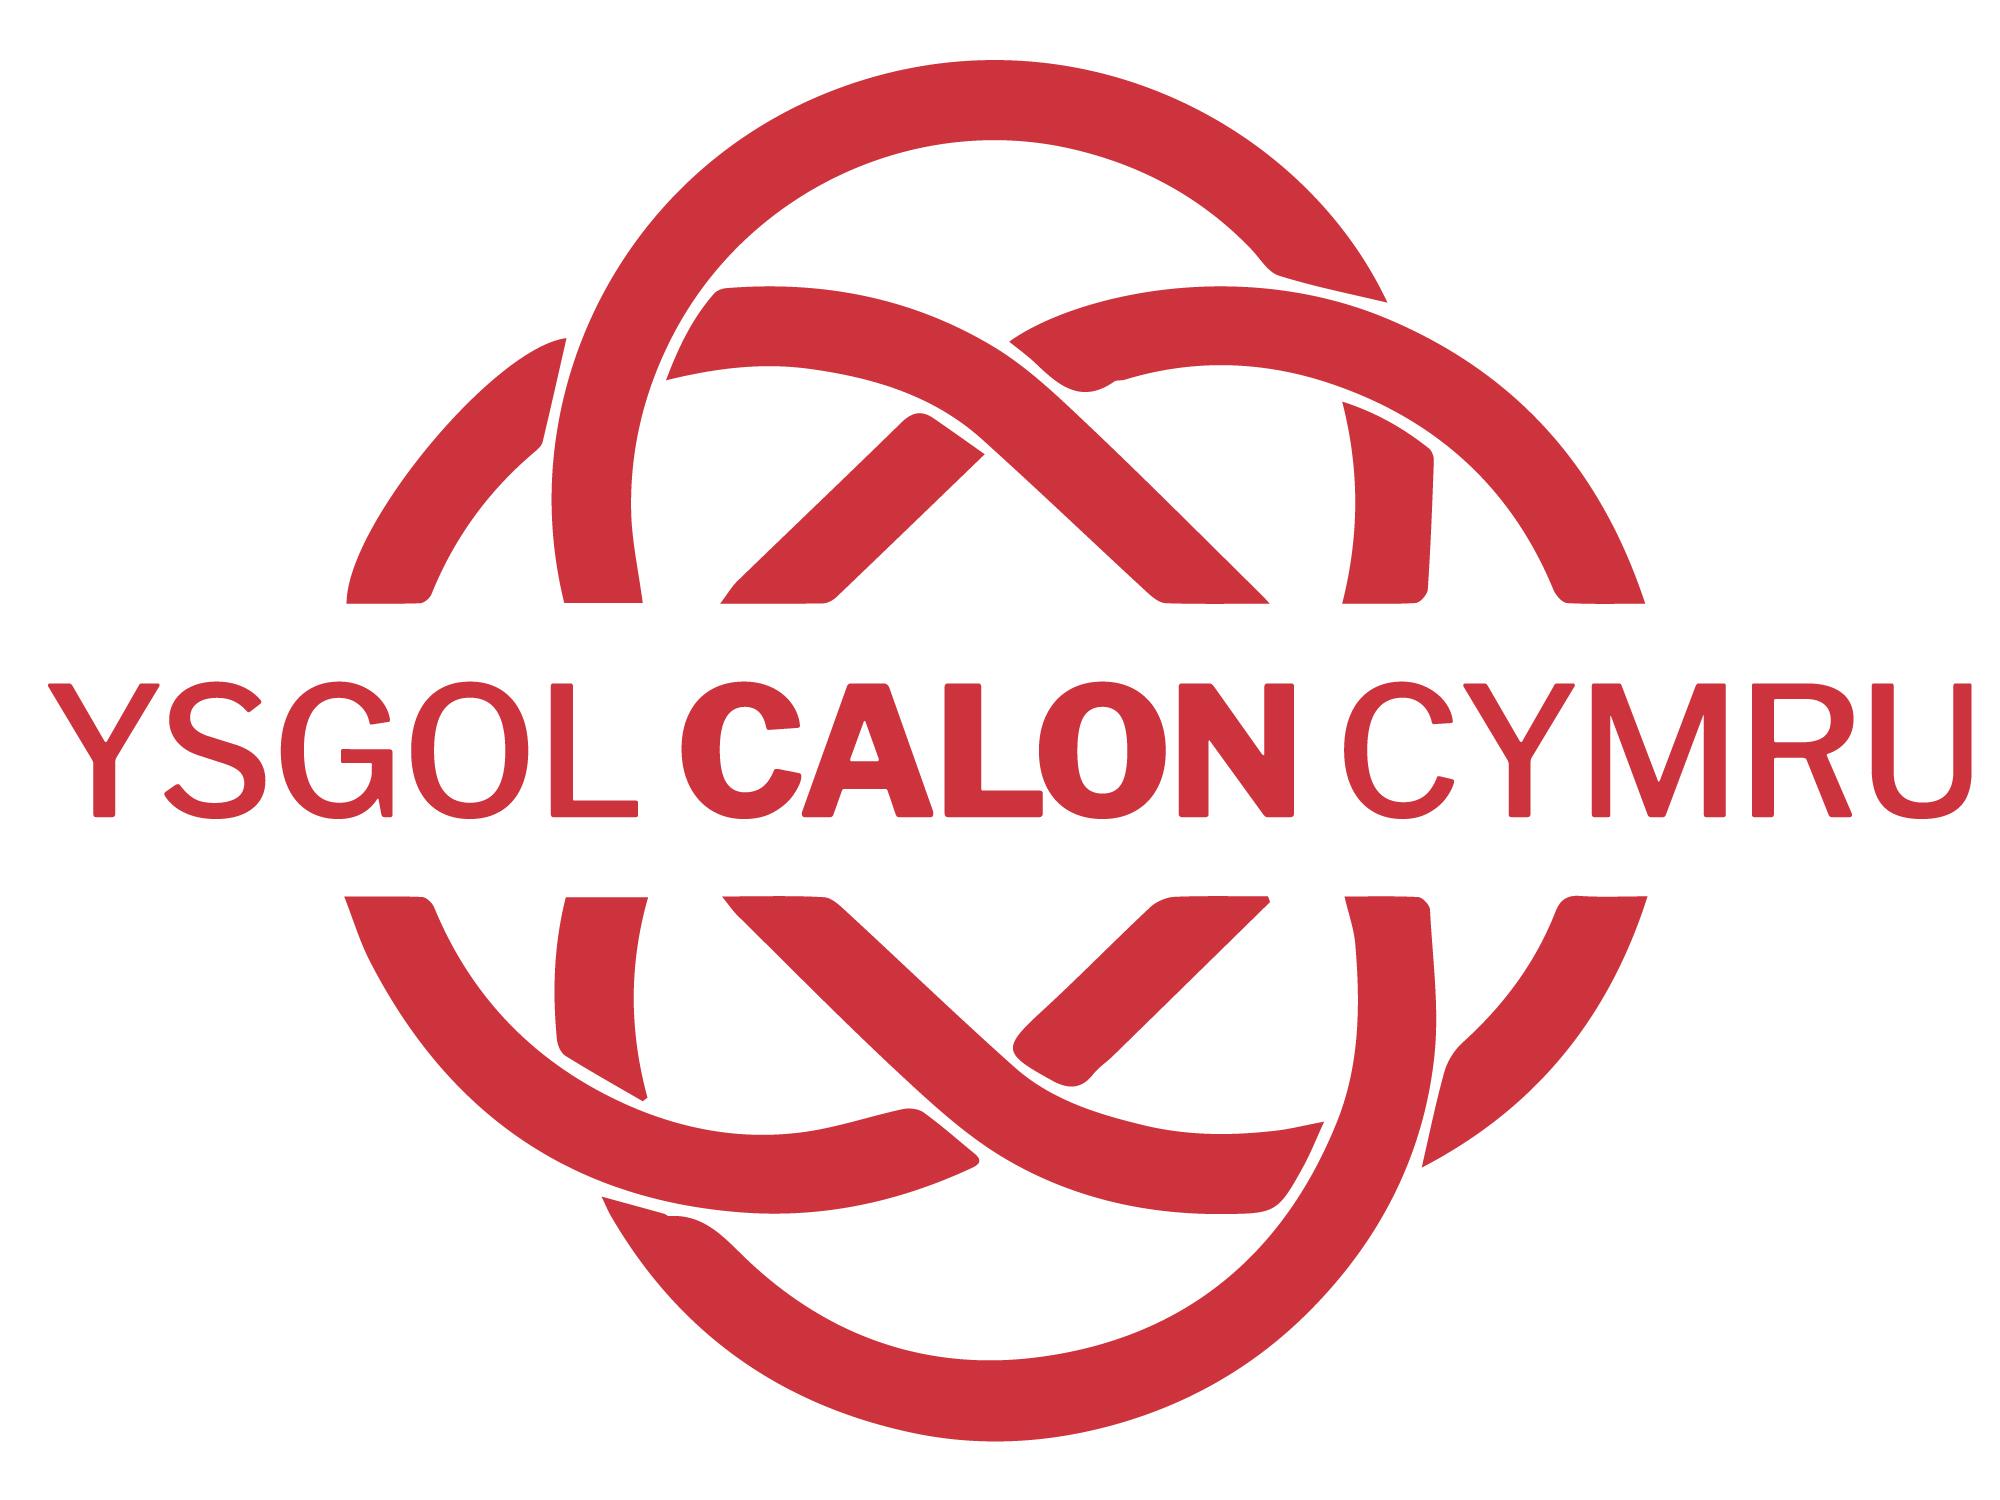 Ysgol-Calon-Cymru-Logo.jpg